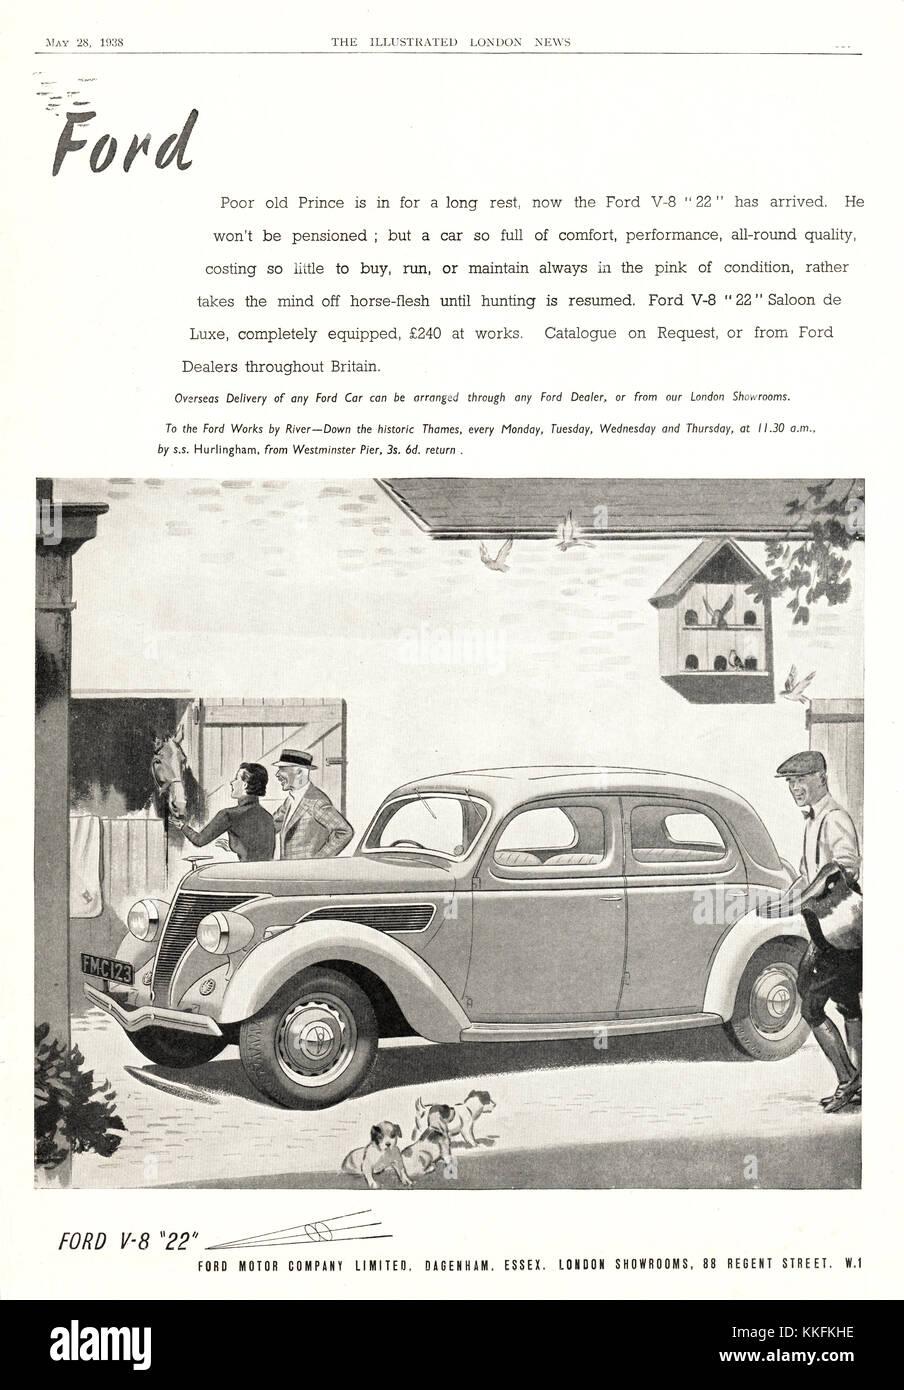 1938 UK Magazine Ford Car Advert - Stock Image